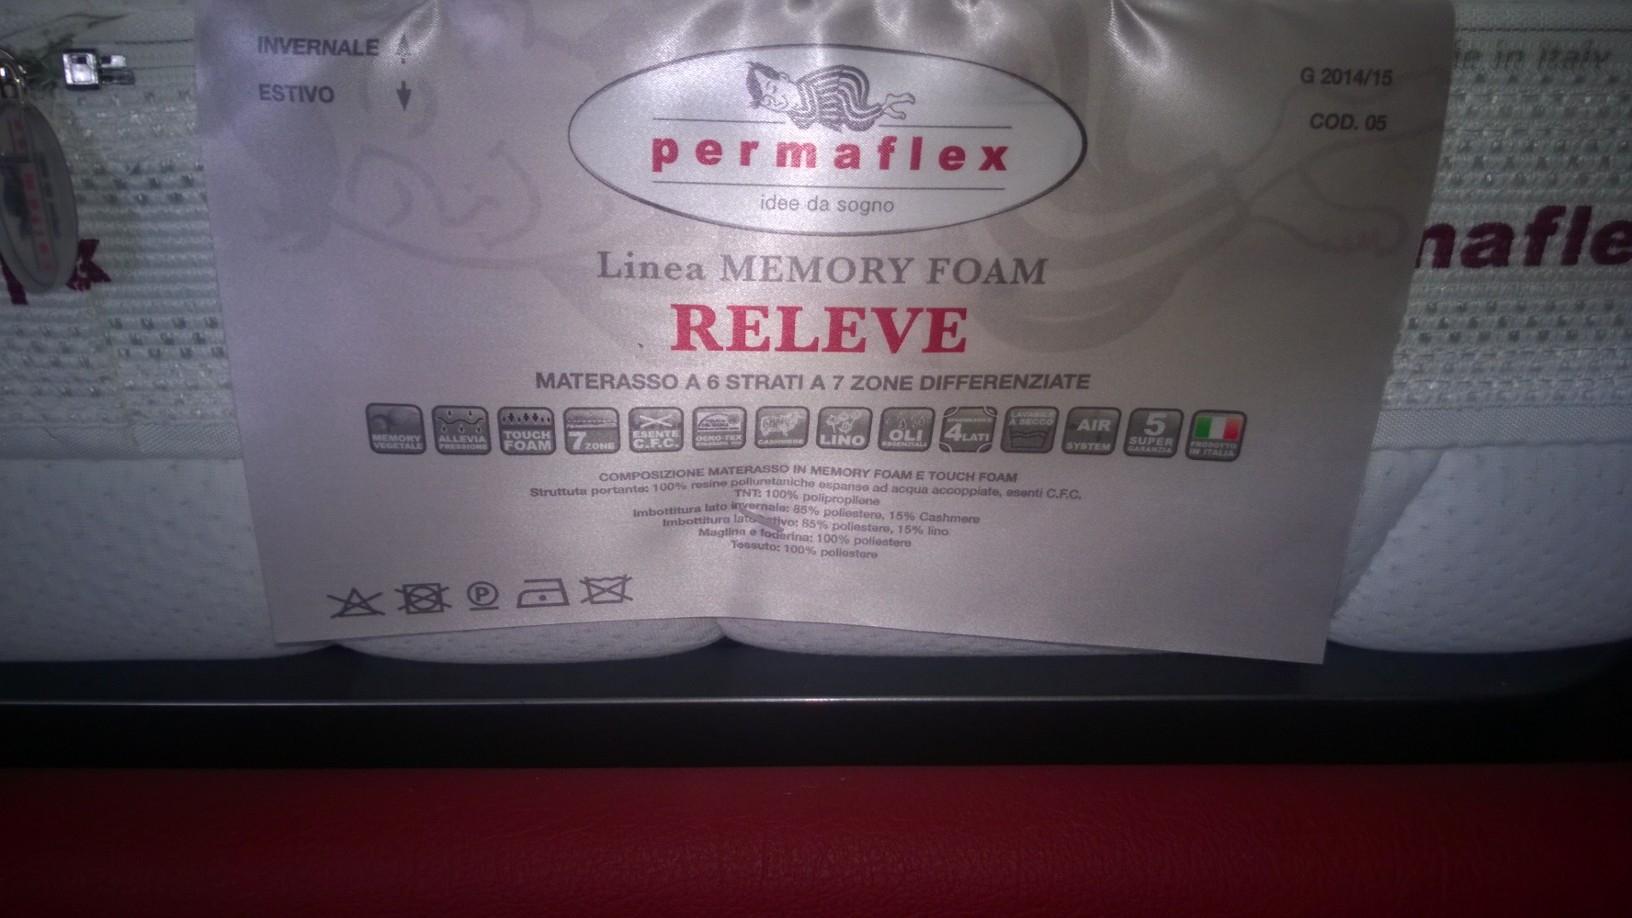 Beautiful Offerte Materassi Permaflex Pictures - ubiquitousforeigner ...